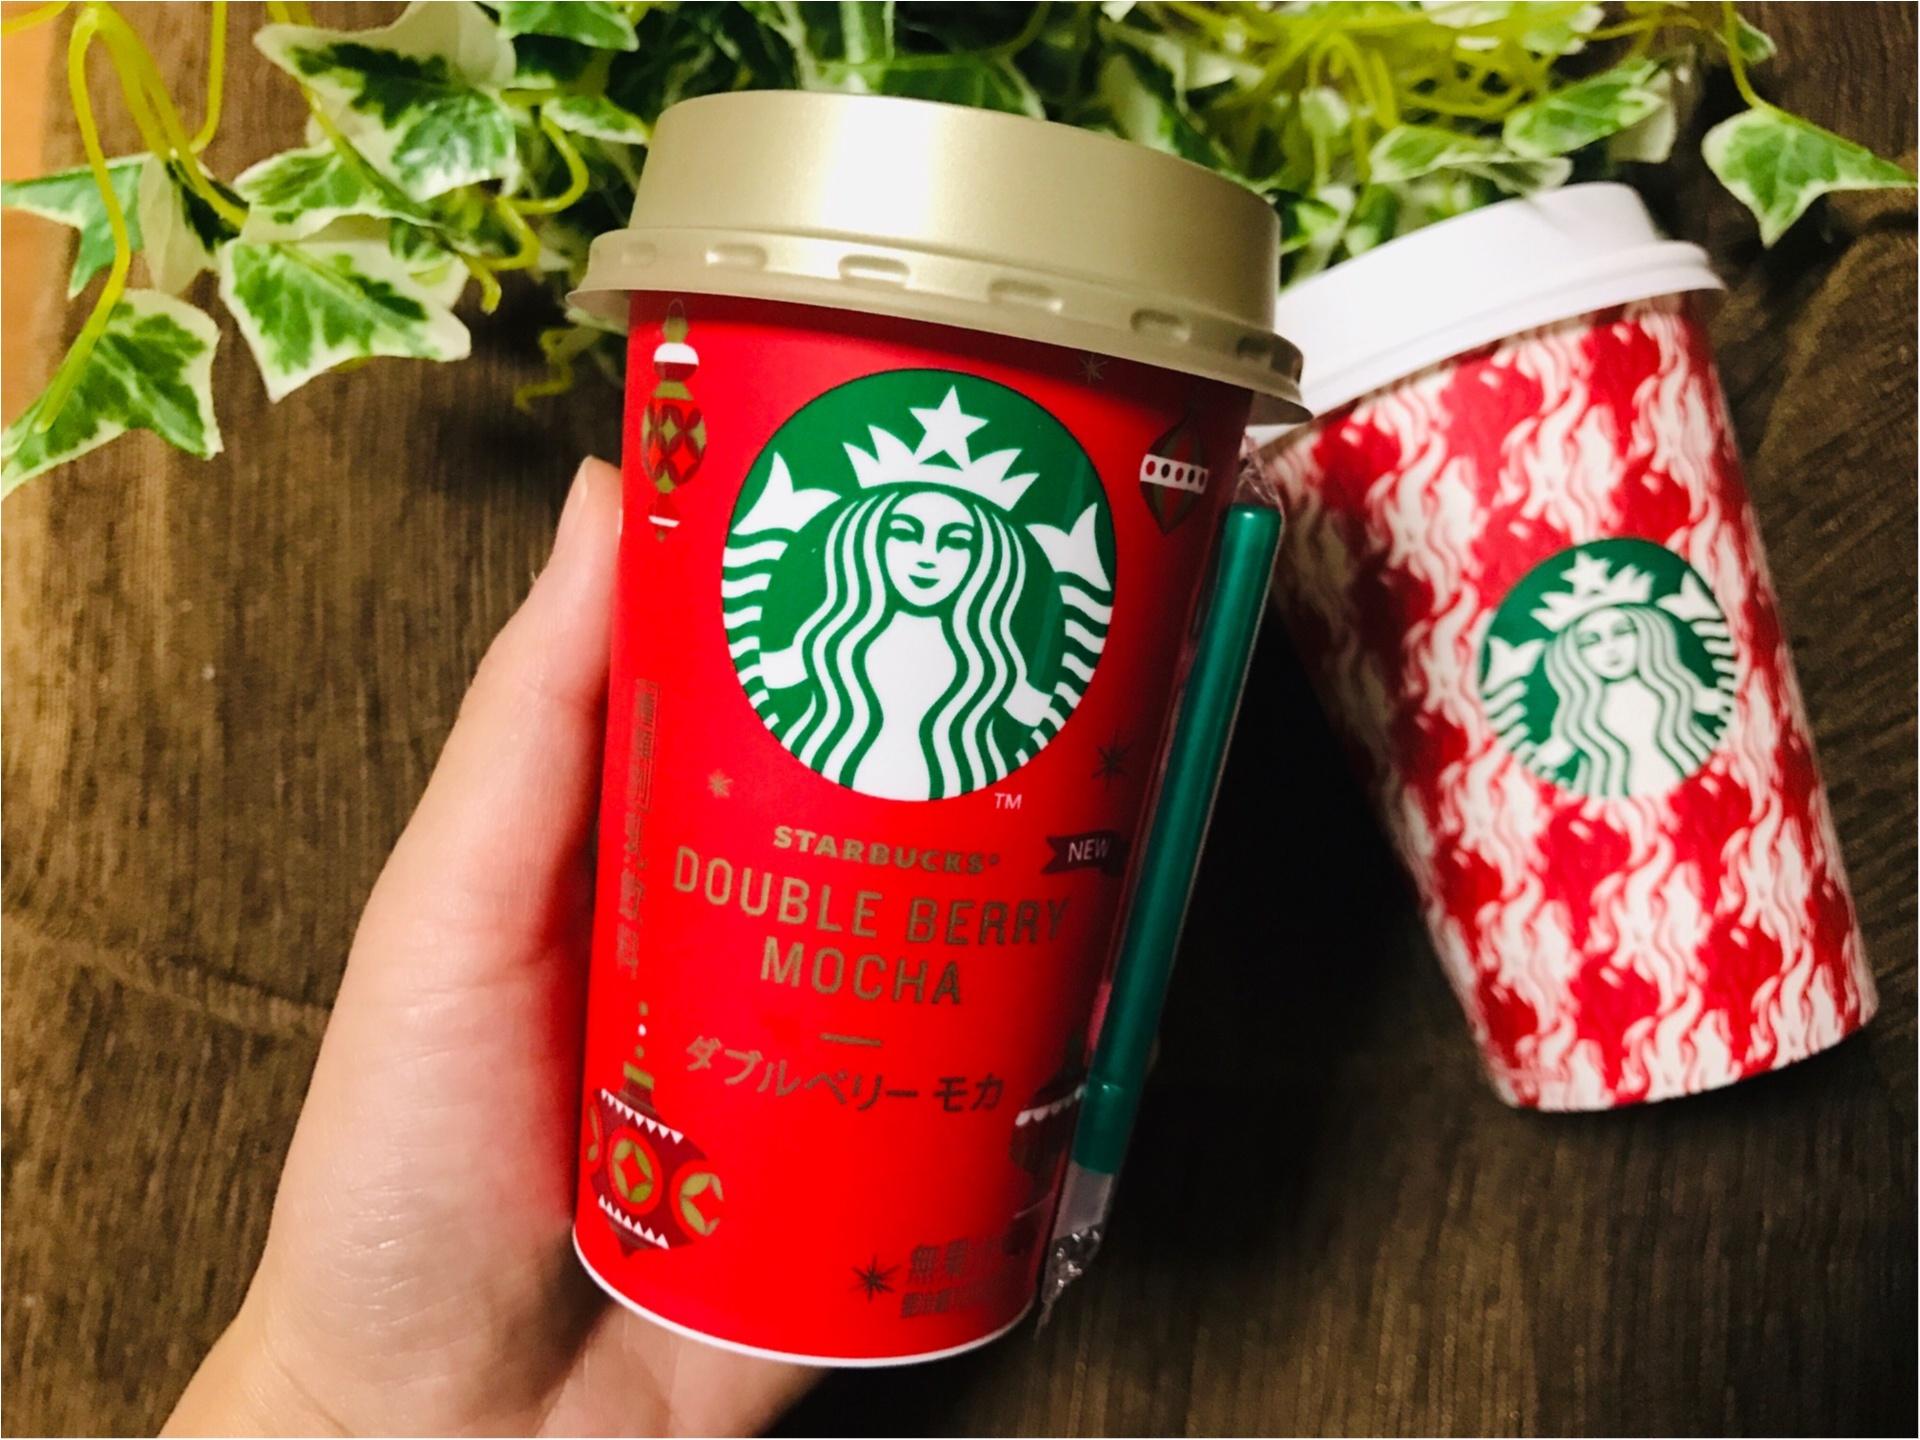 【コンビニスタバ】にもクリスマス到来!新作《ダブルベリーモカ》が美味し可愛い♡_1